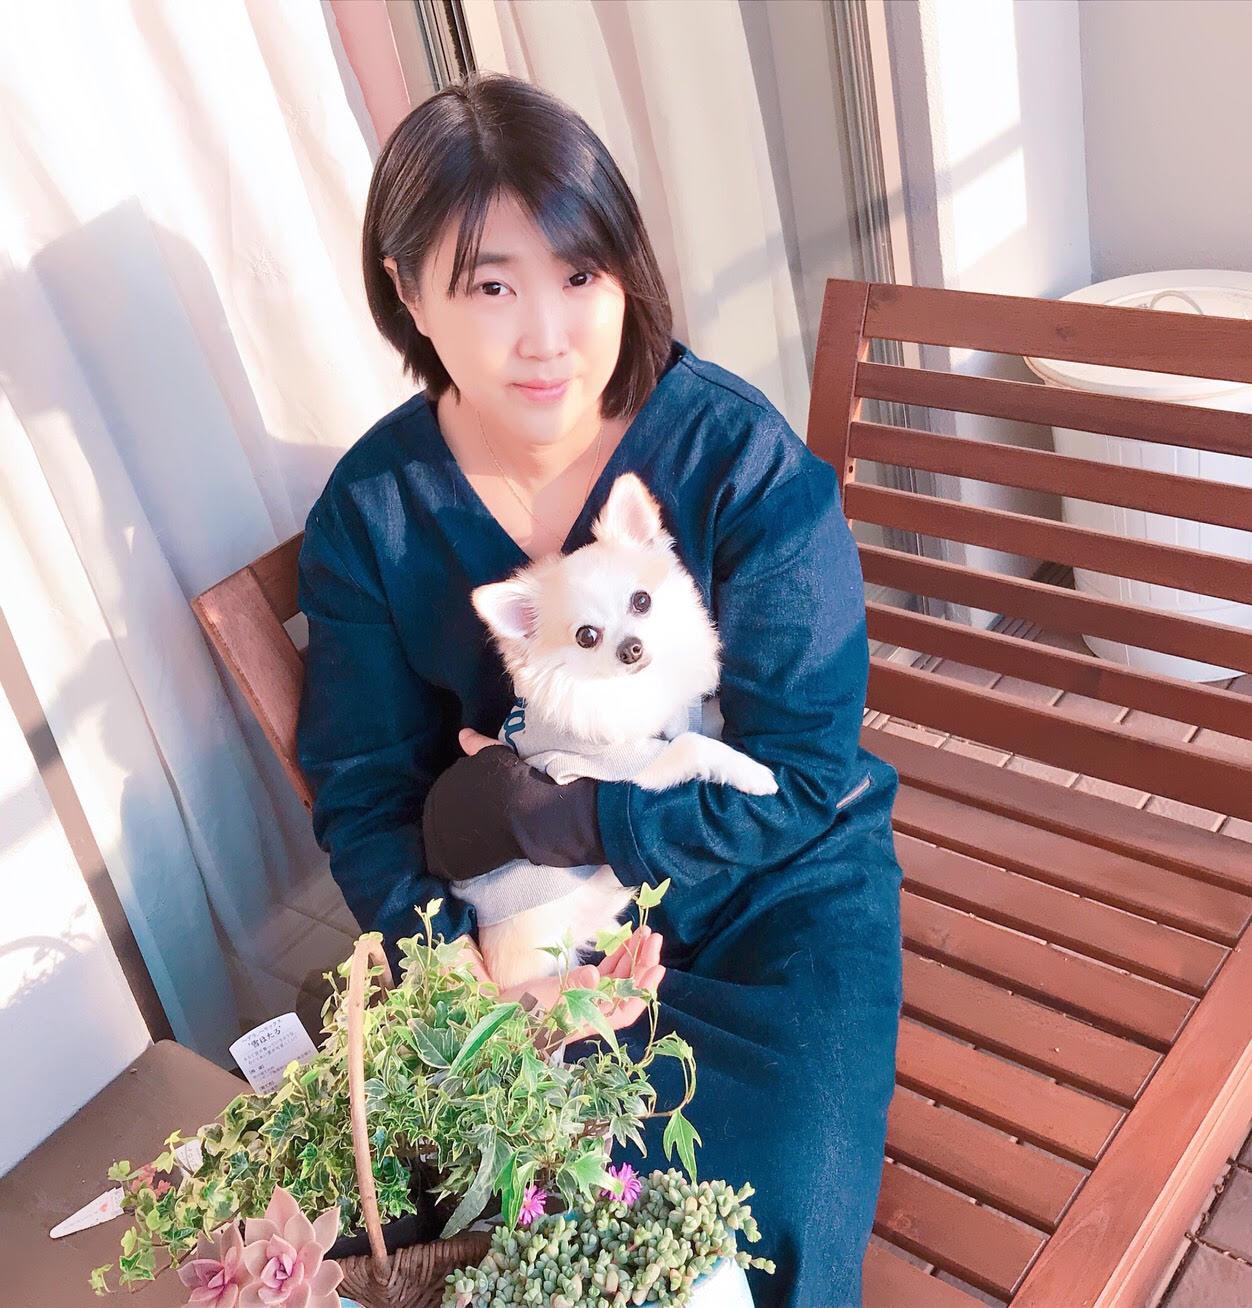 【カウルお客様インタビュー】東陽町でマンションを購入・売却したK様にインタビューさせて頂きました